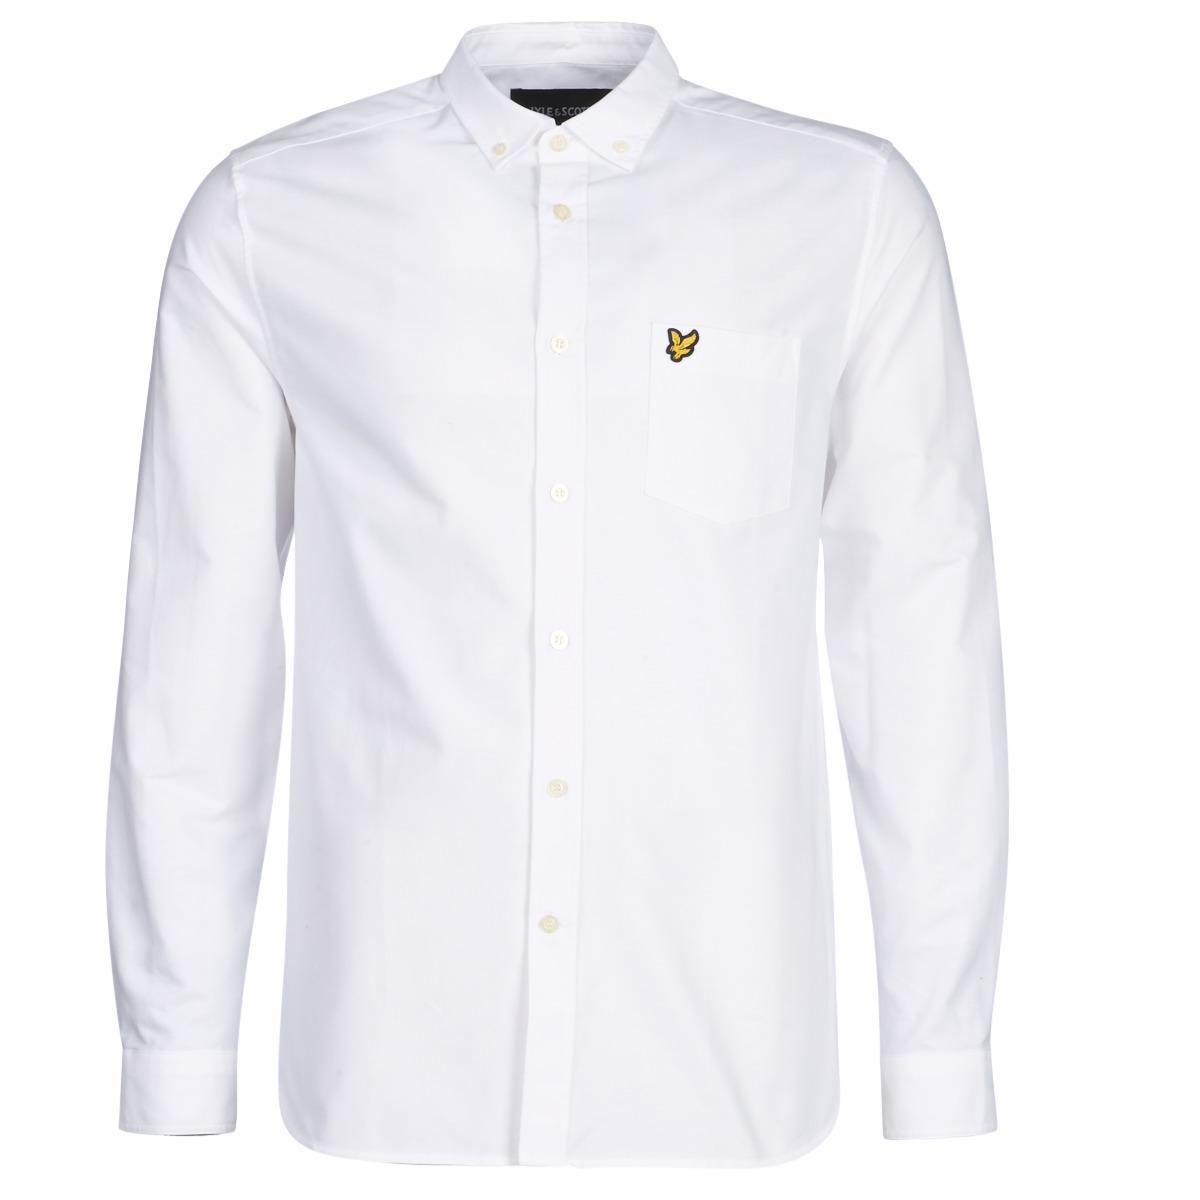 5b374e353b4 Lyle   Scott Fafarlite Long Sleeved Shirt in White for Men - Lyst